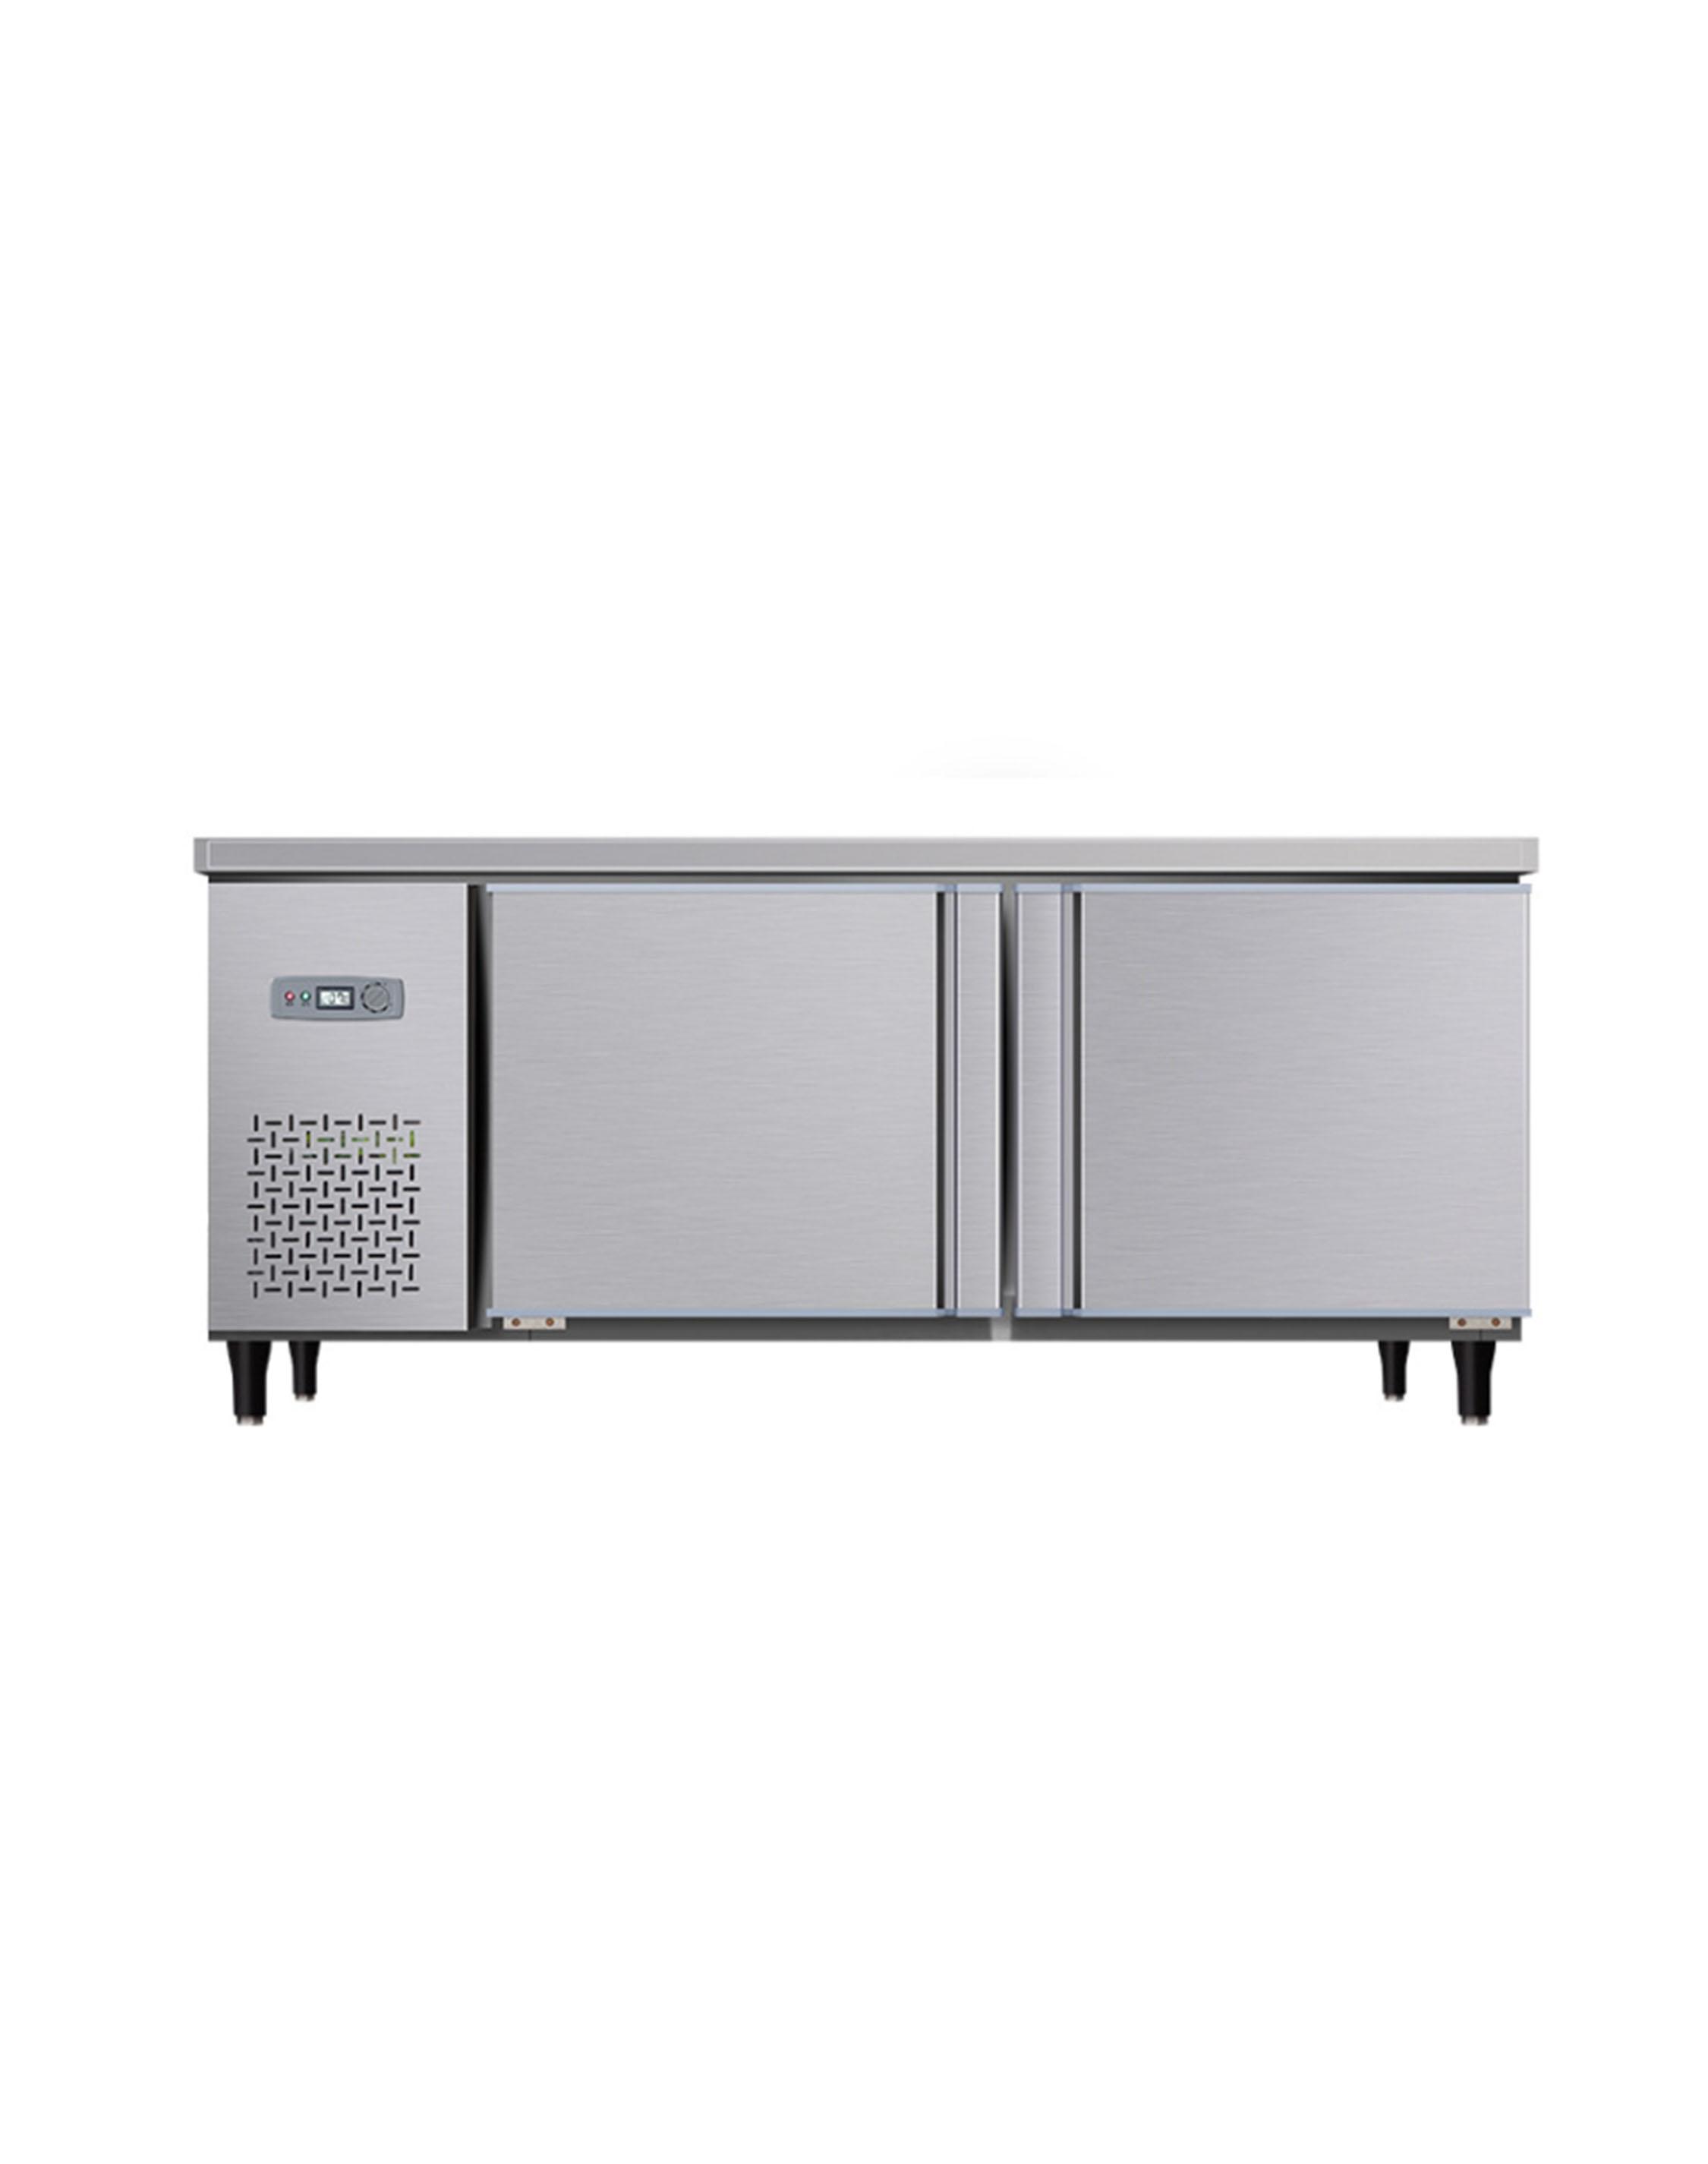 厨房设备双门制冷台柜定做